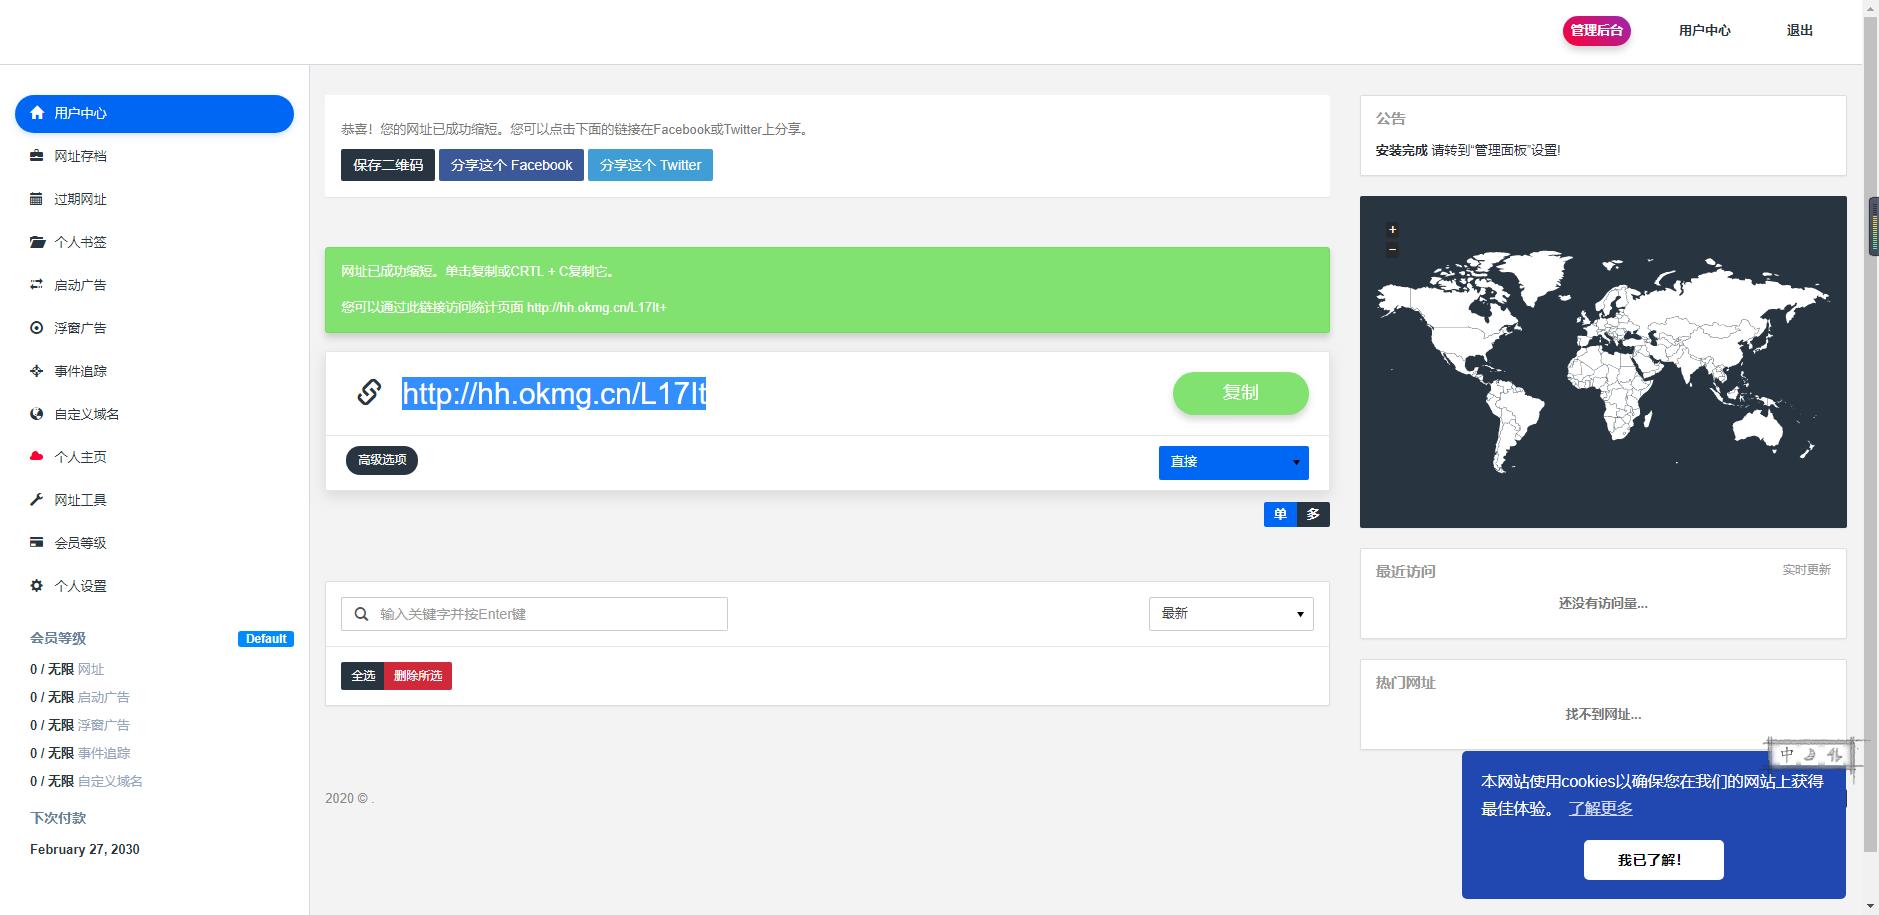 全新PHP网址缩短防封短网址生成系统源码